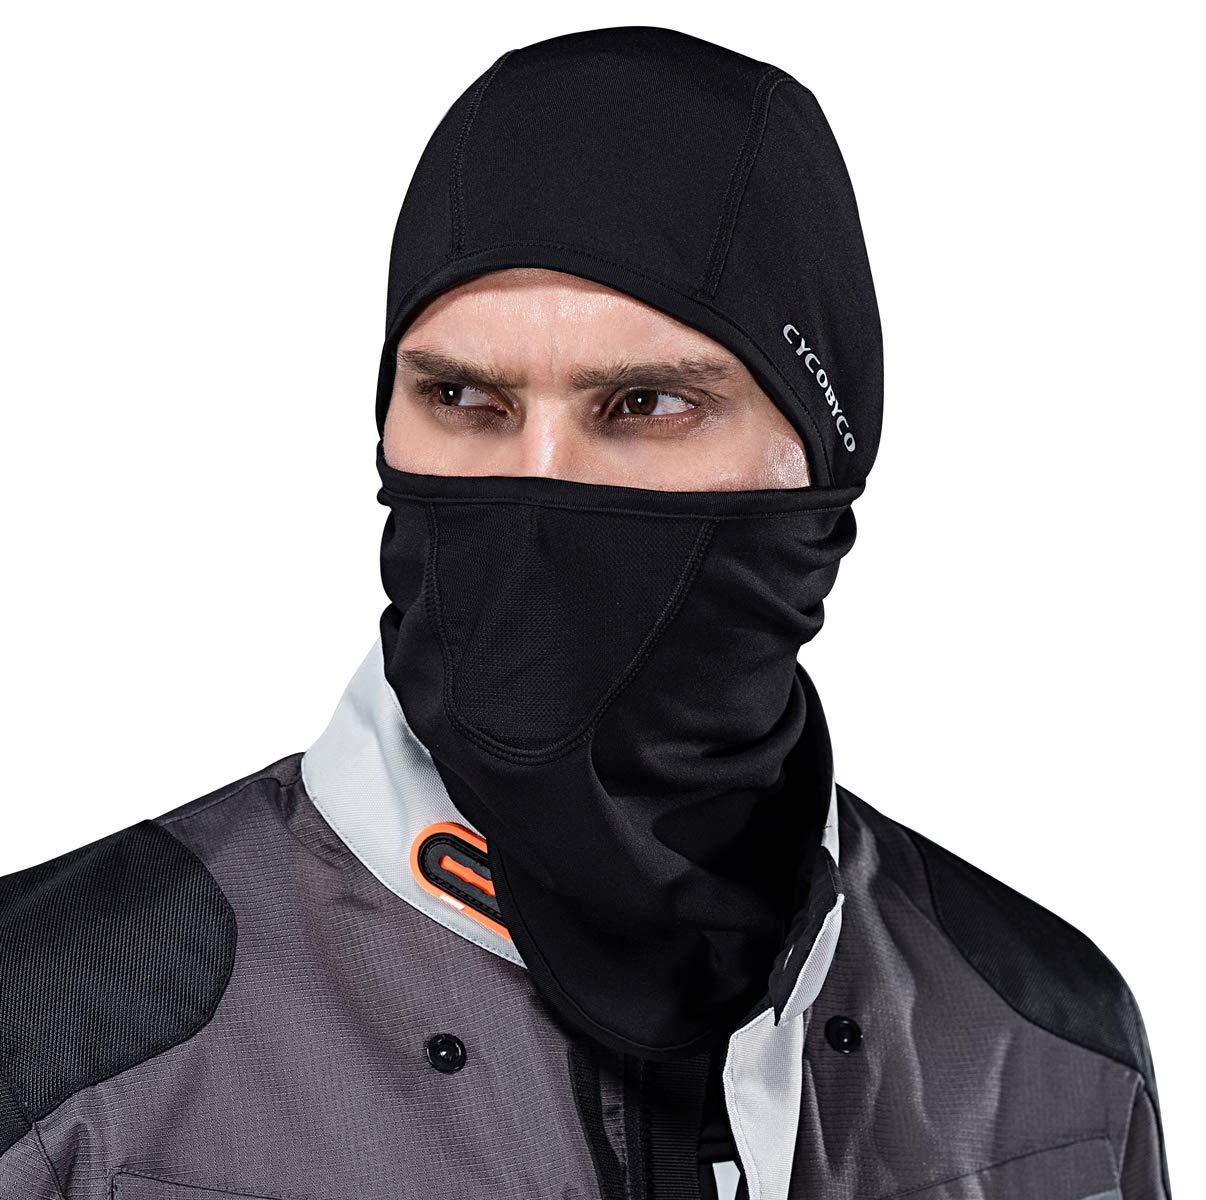 CYCOBYCO Balaclava Sciare A Prova di Vento Maschera Viso Inverno più Caldo Cappuccio Cappello Termico in Pile (Grey)